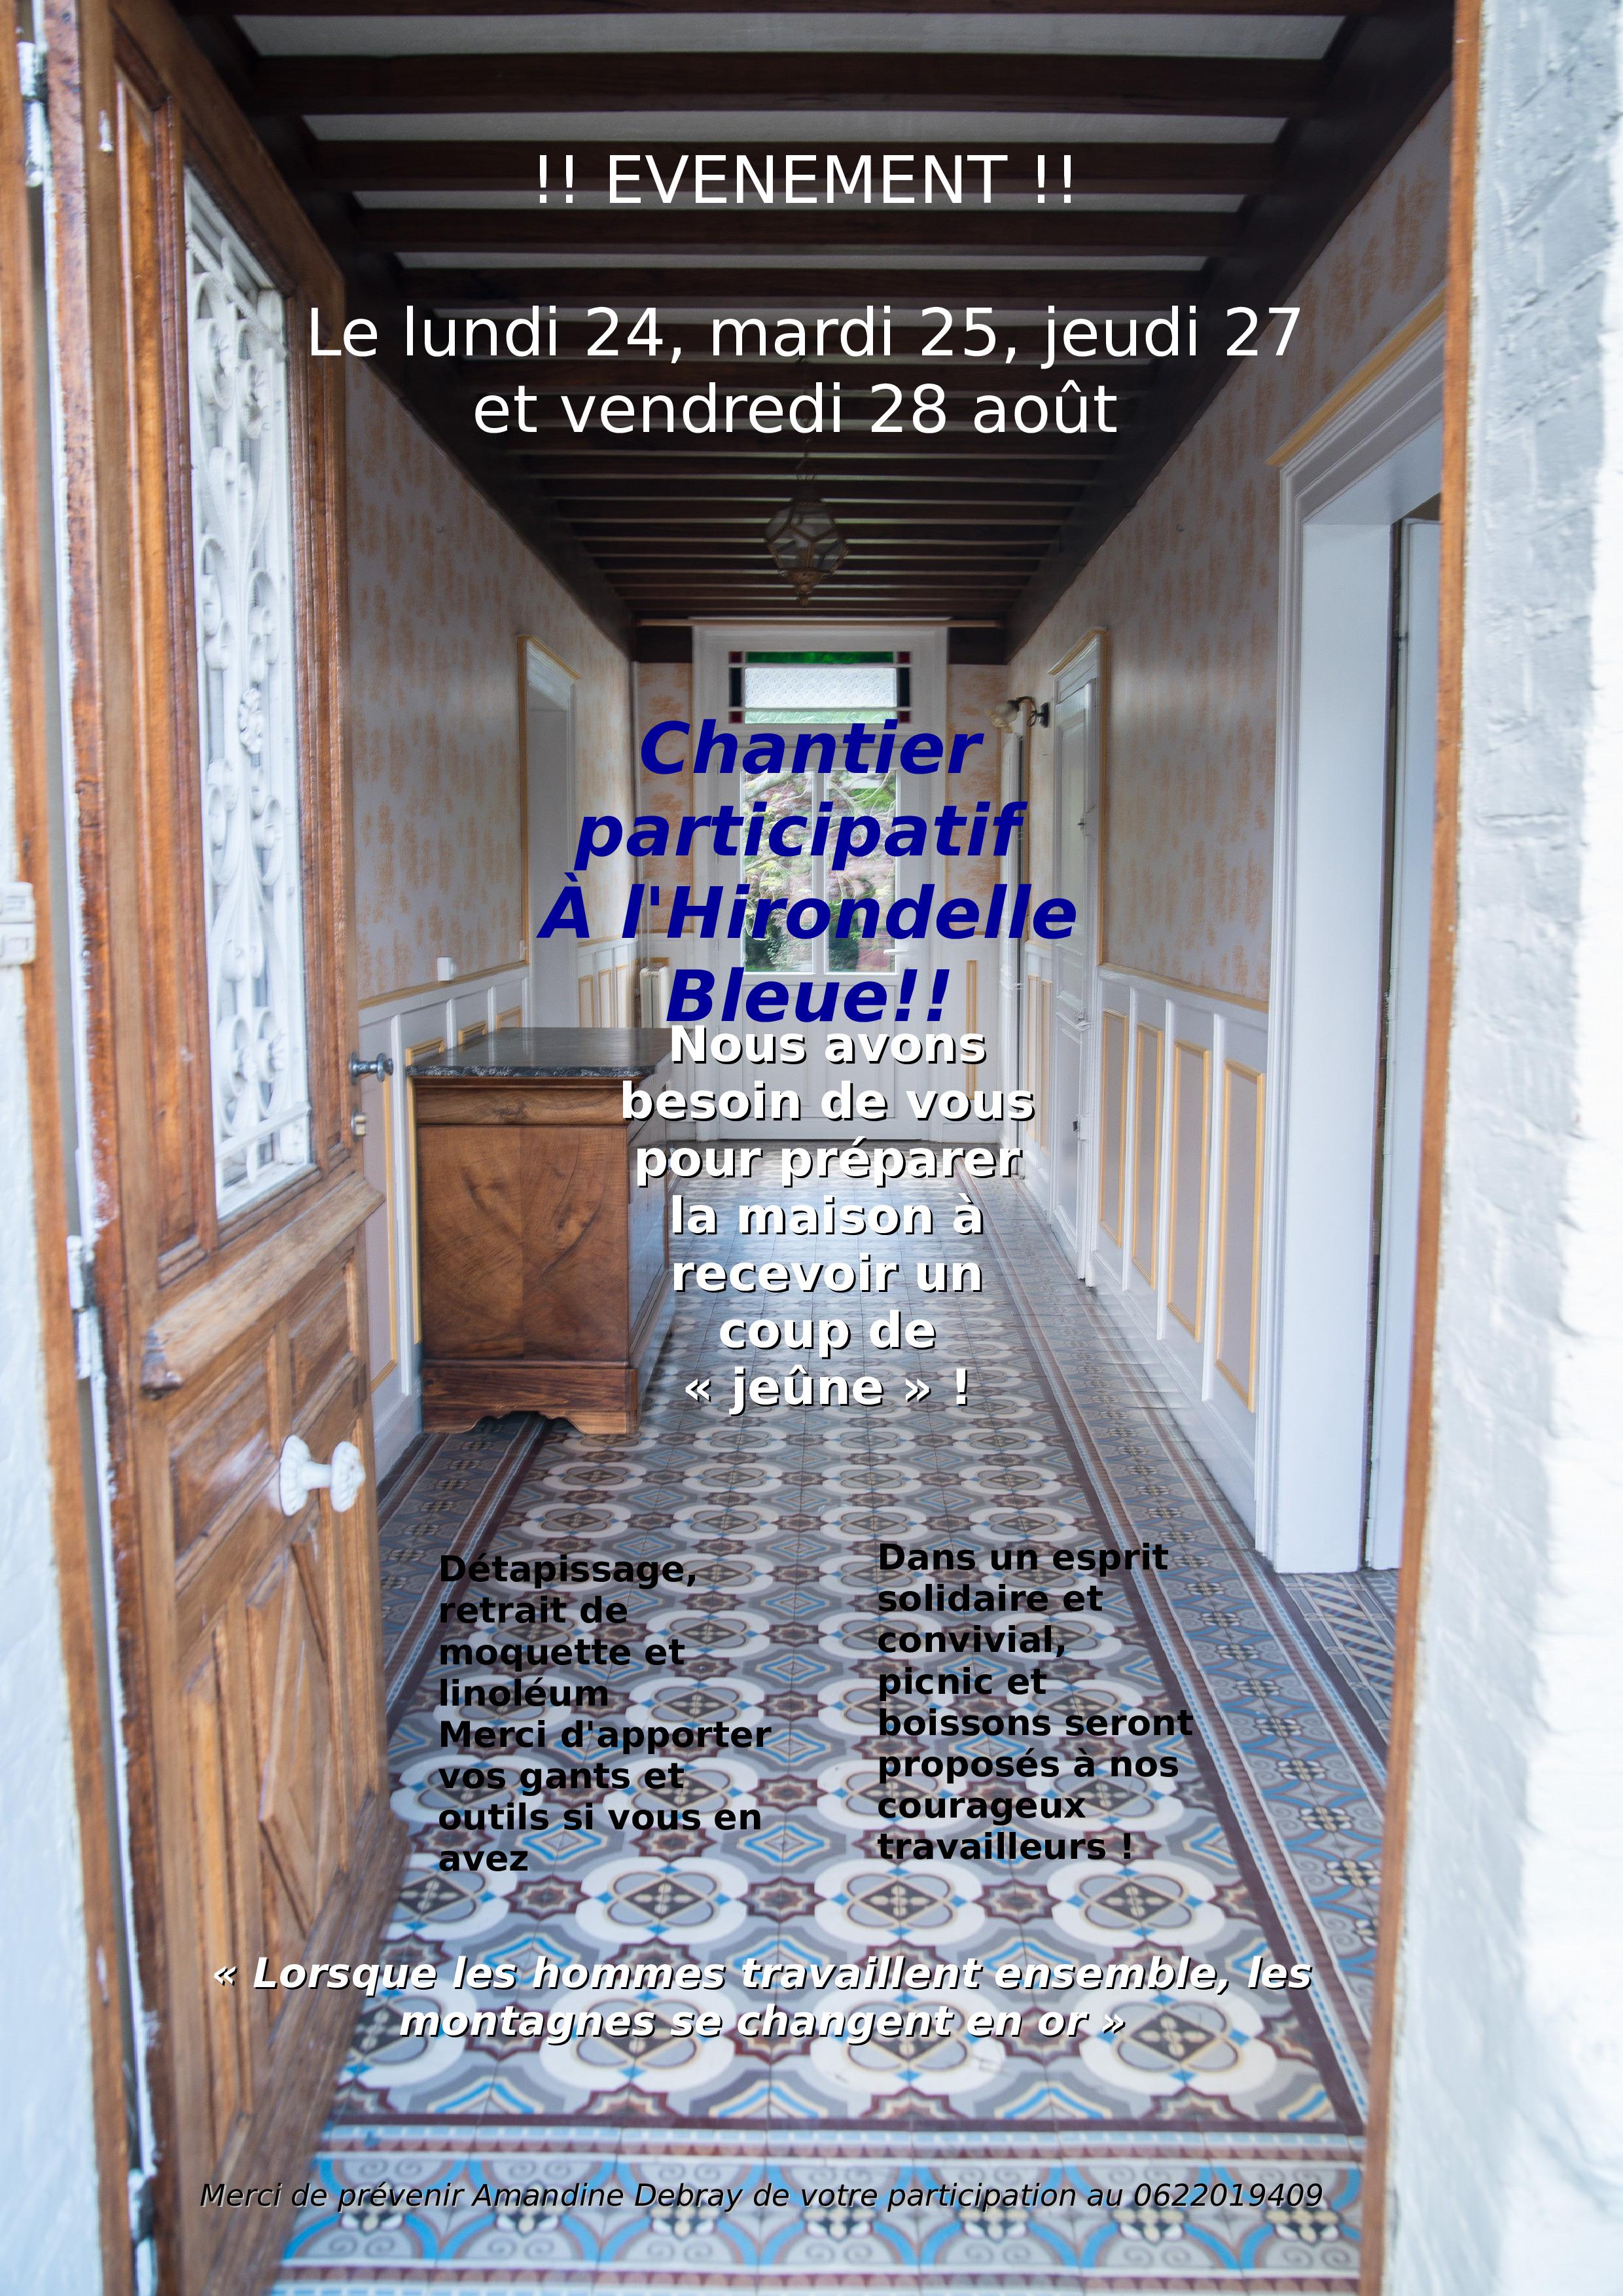 Lancement d'un chantier participatif !!